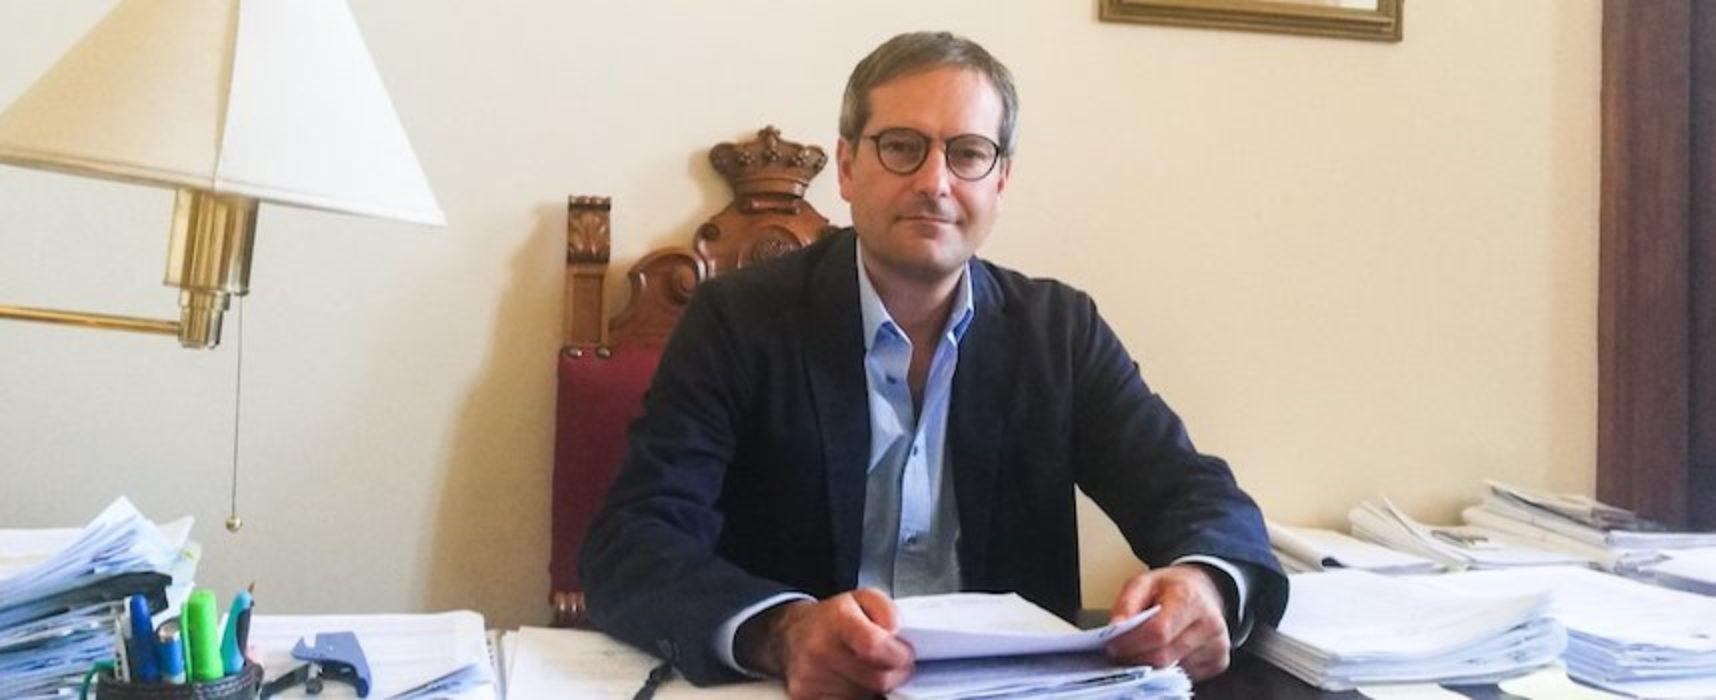 Angarano firma ordinanza per chiudere scuole di competenza comunale